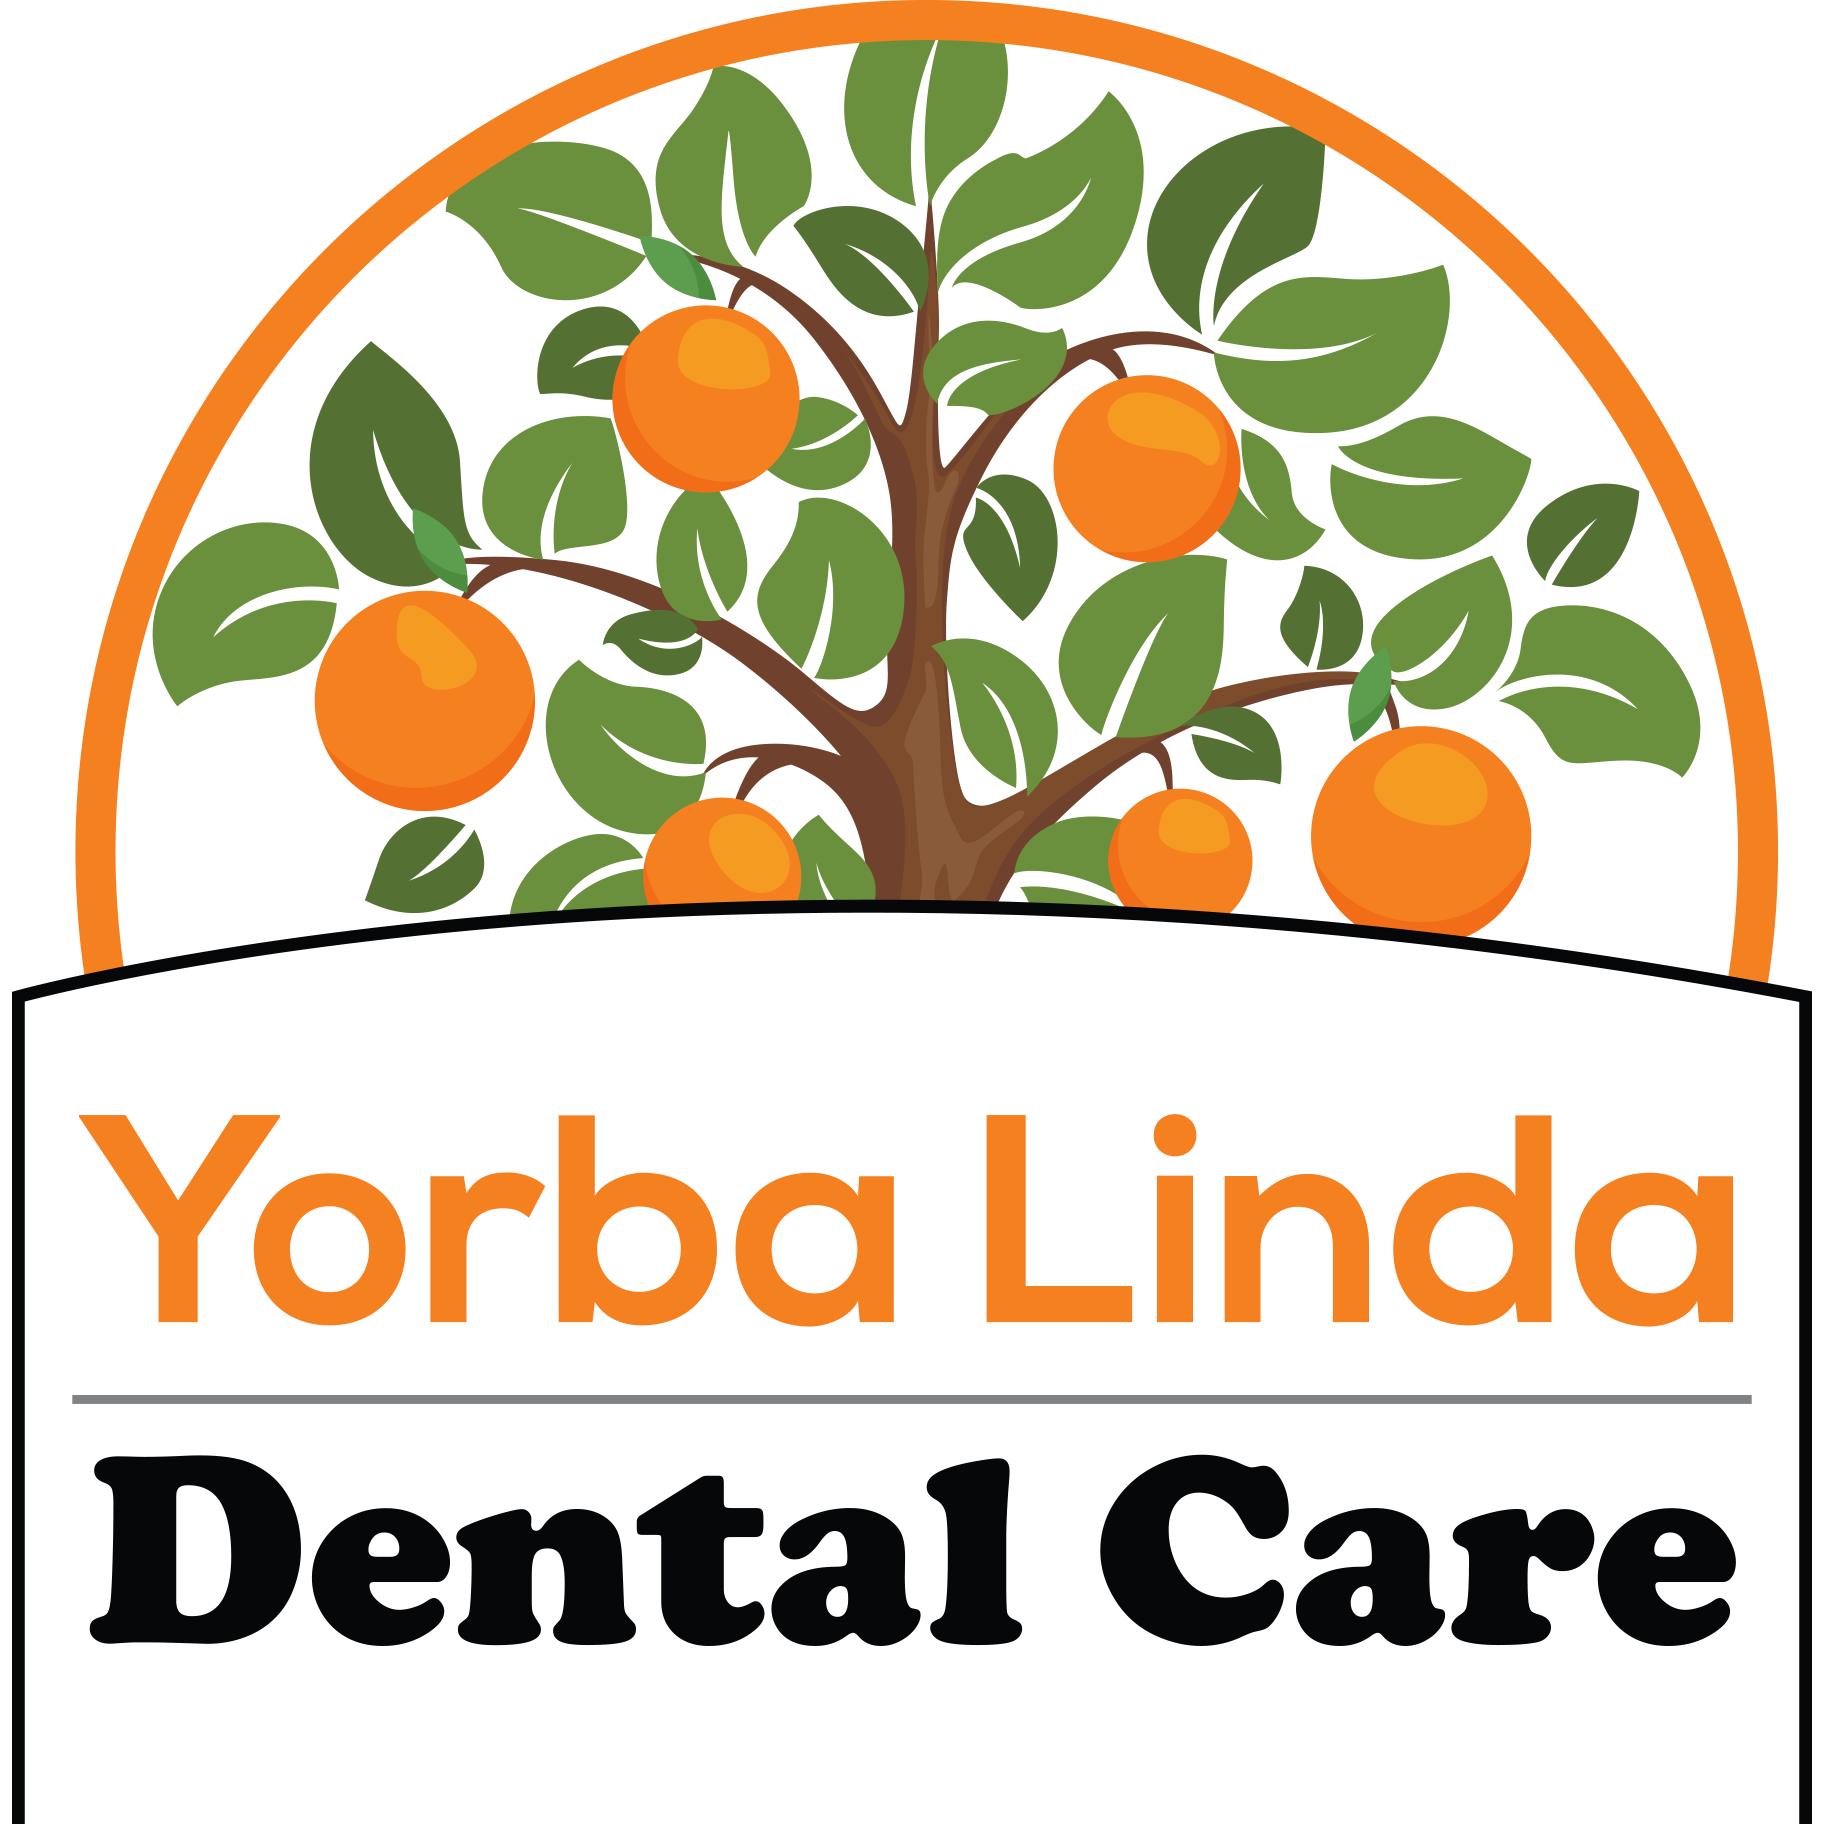 Yorba Linda Dental Care